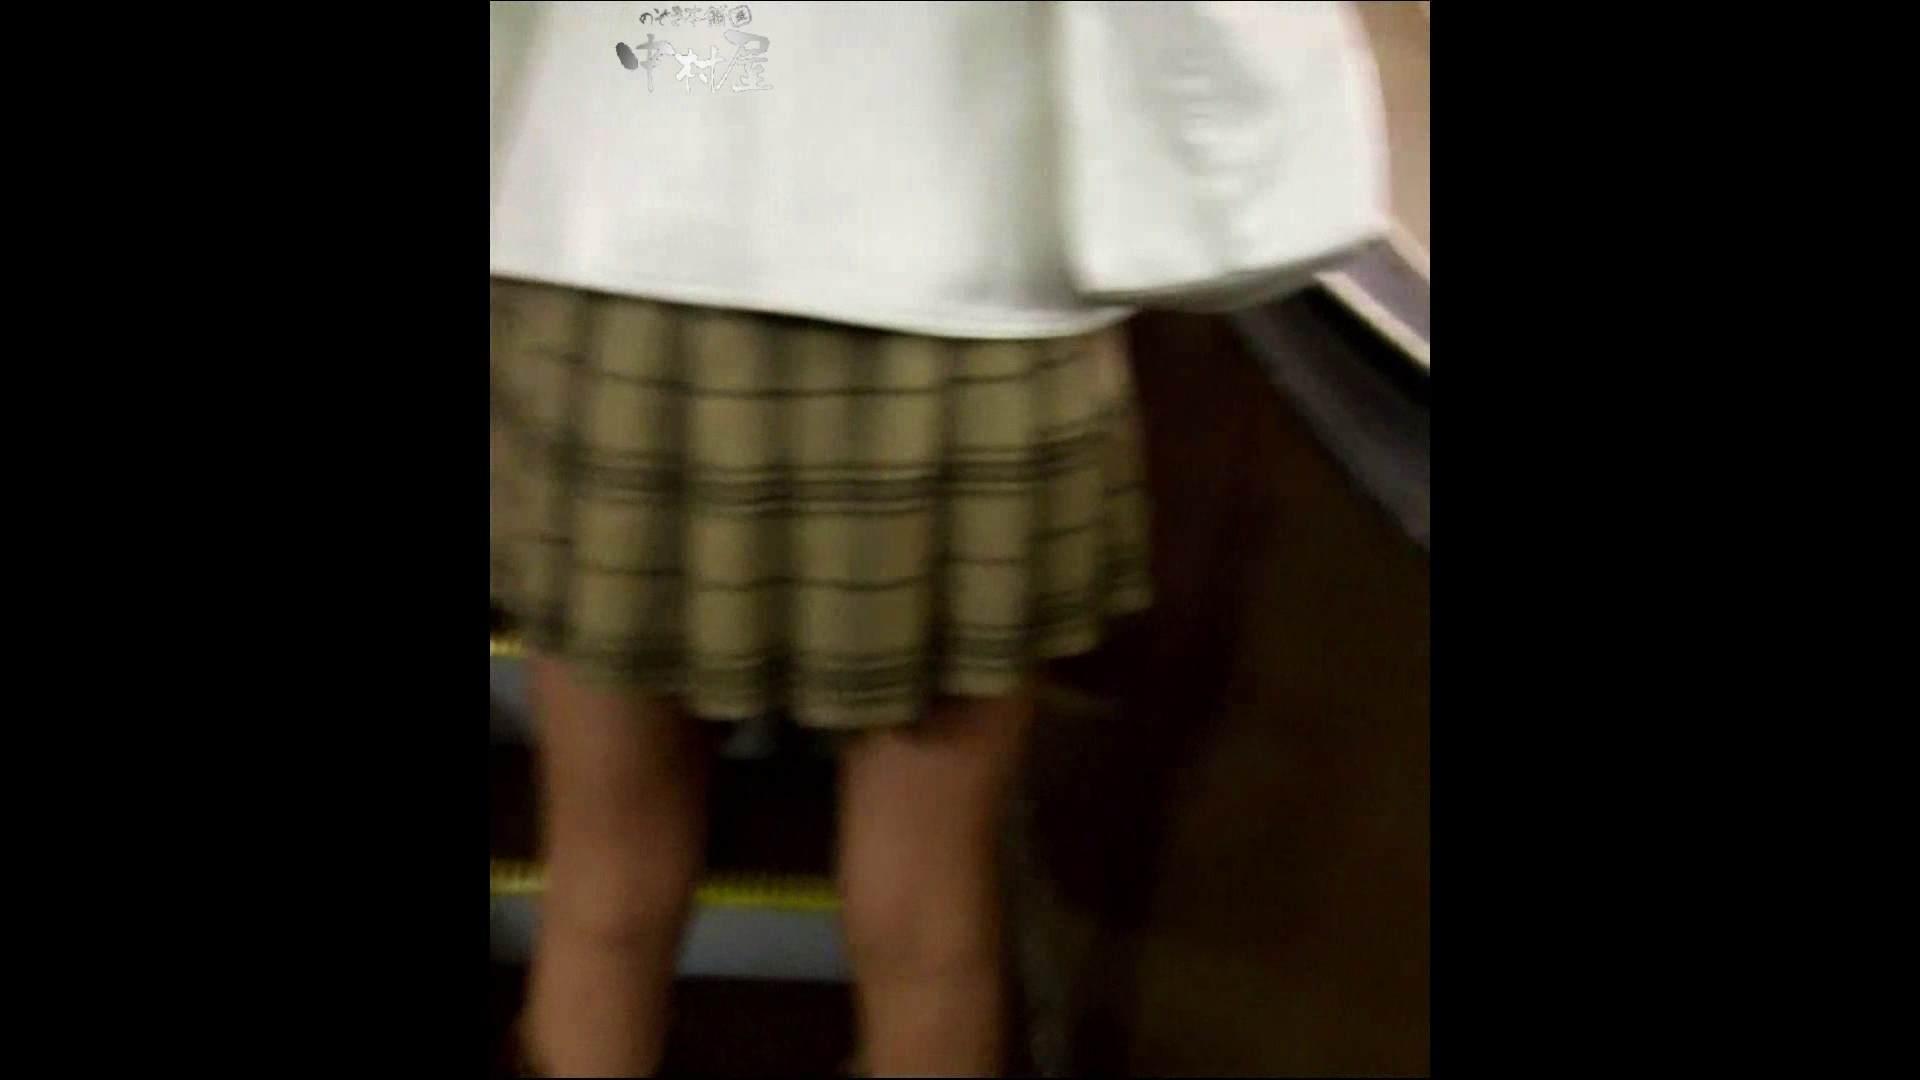 綺麗なモデルさんのスカート捲っちゃおう‼ vol18 モデル アダルト動画キャプチャ 87pic 11